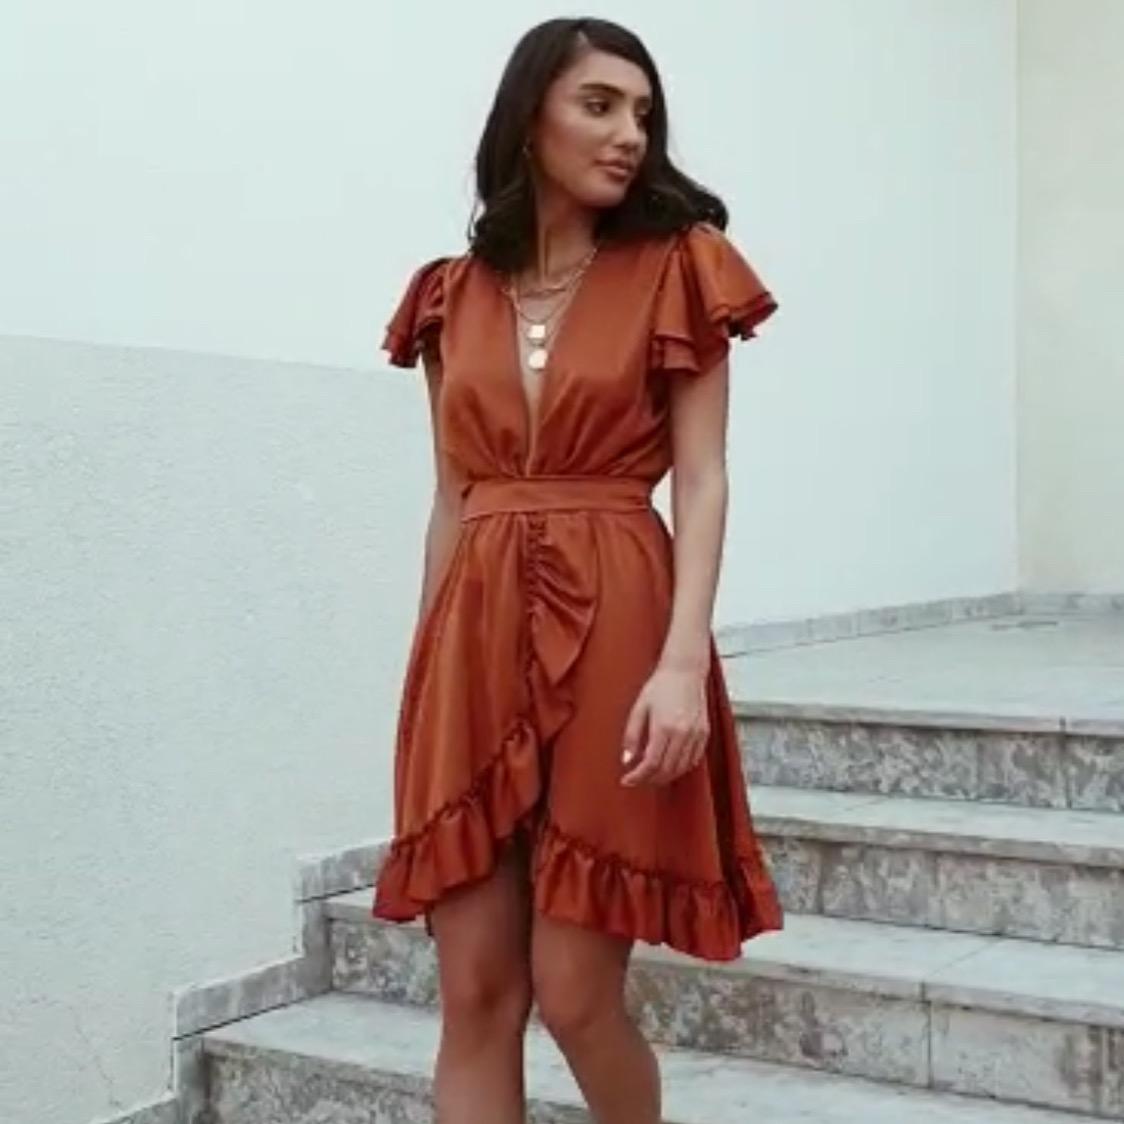 שמלת פנלופי מעטפת - בריק